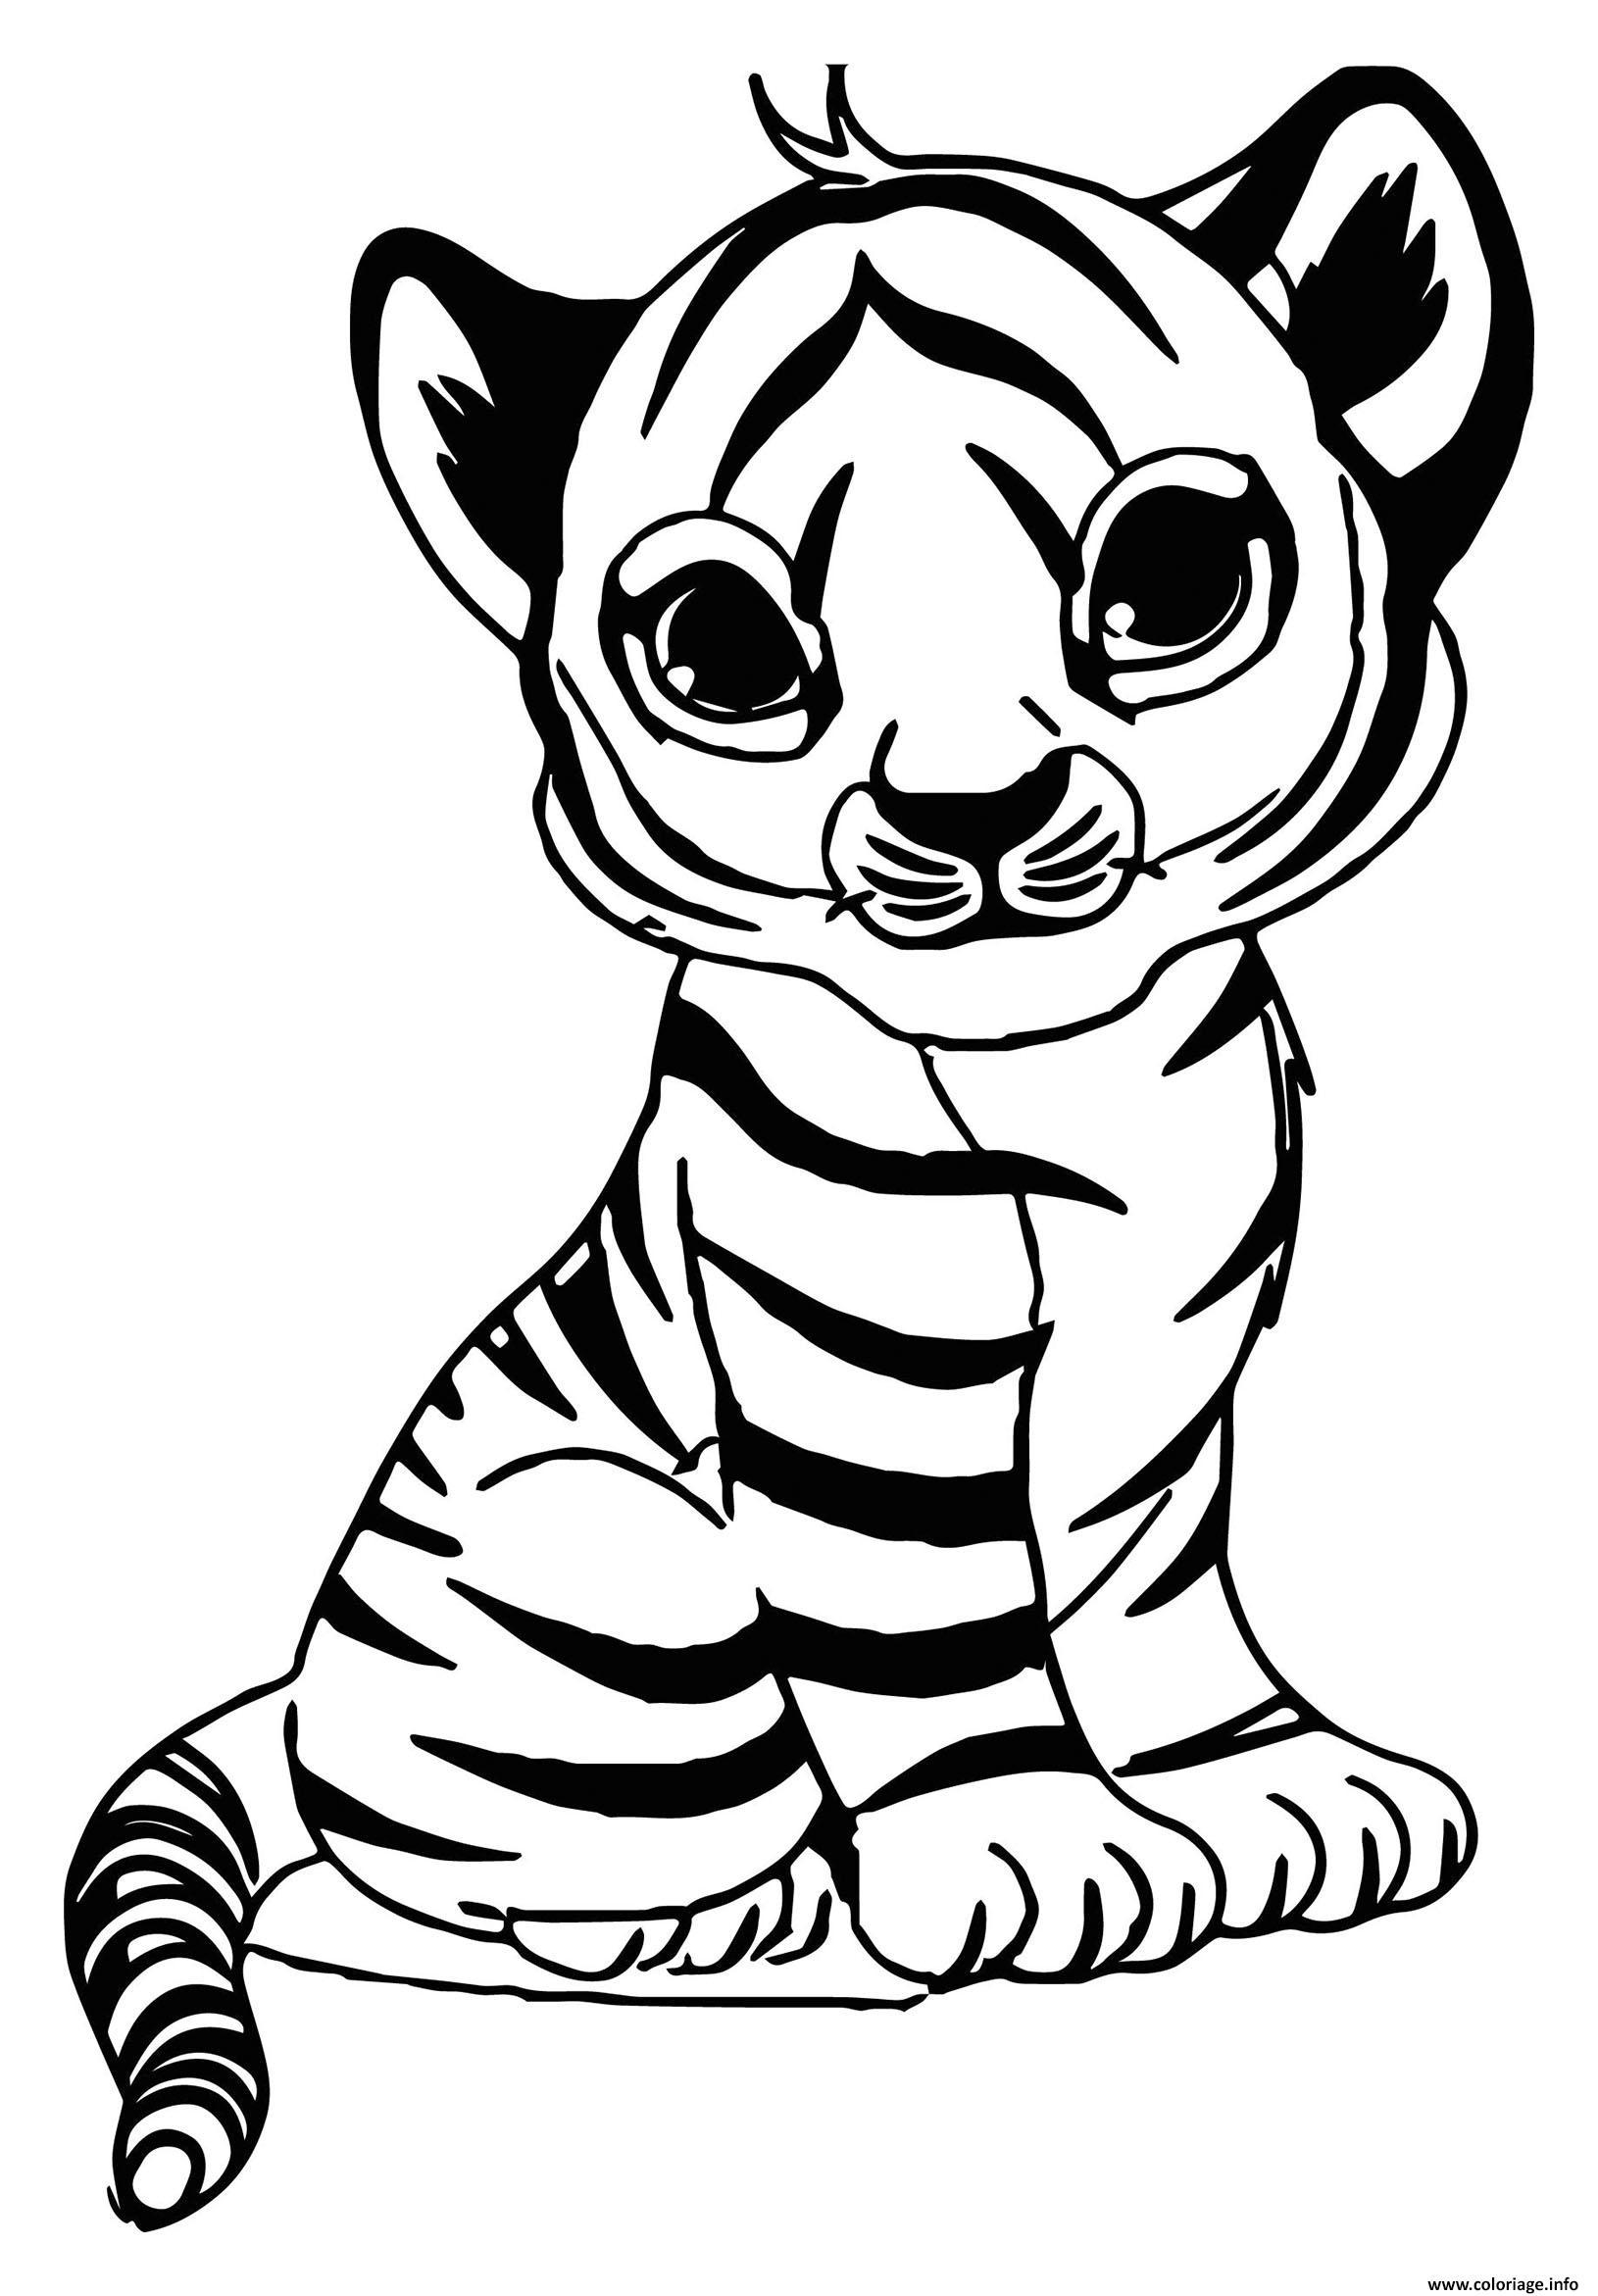 Dessin adorable bebe tigre maternelle Coloriage Gratuit à Imprimer